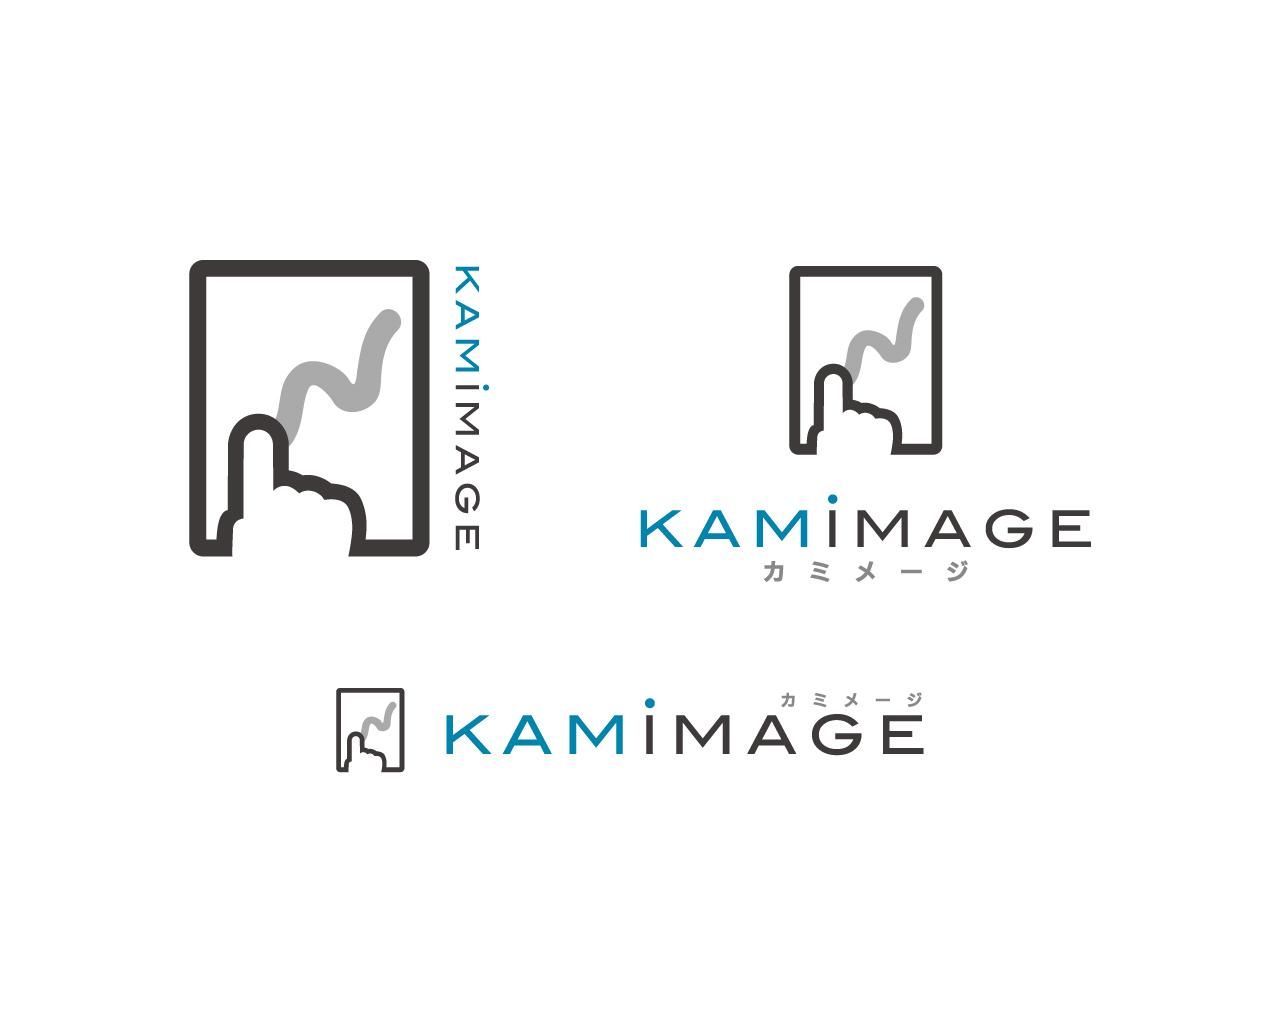 株式会社うるる様 KAMIMAGE